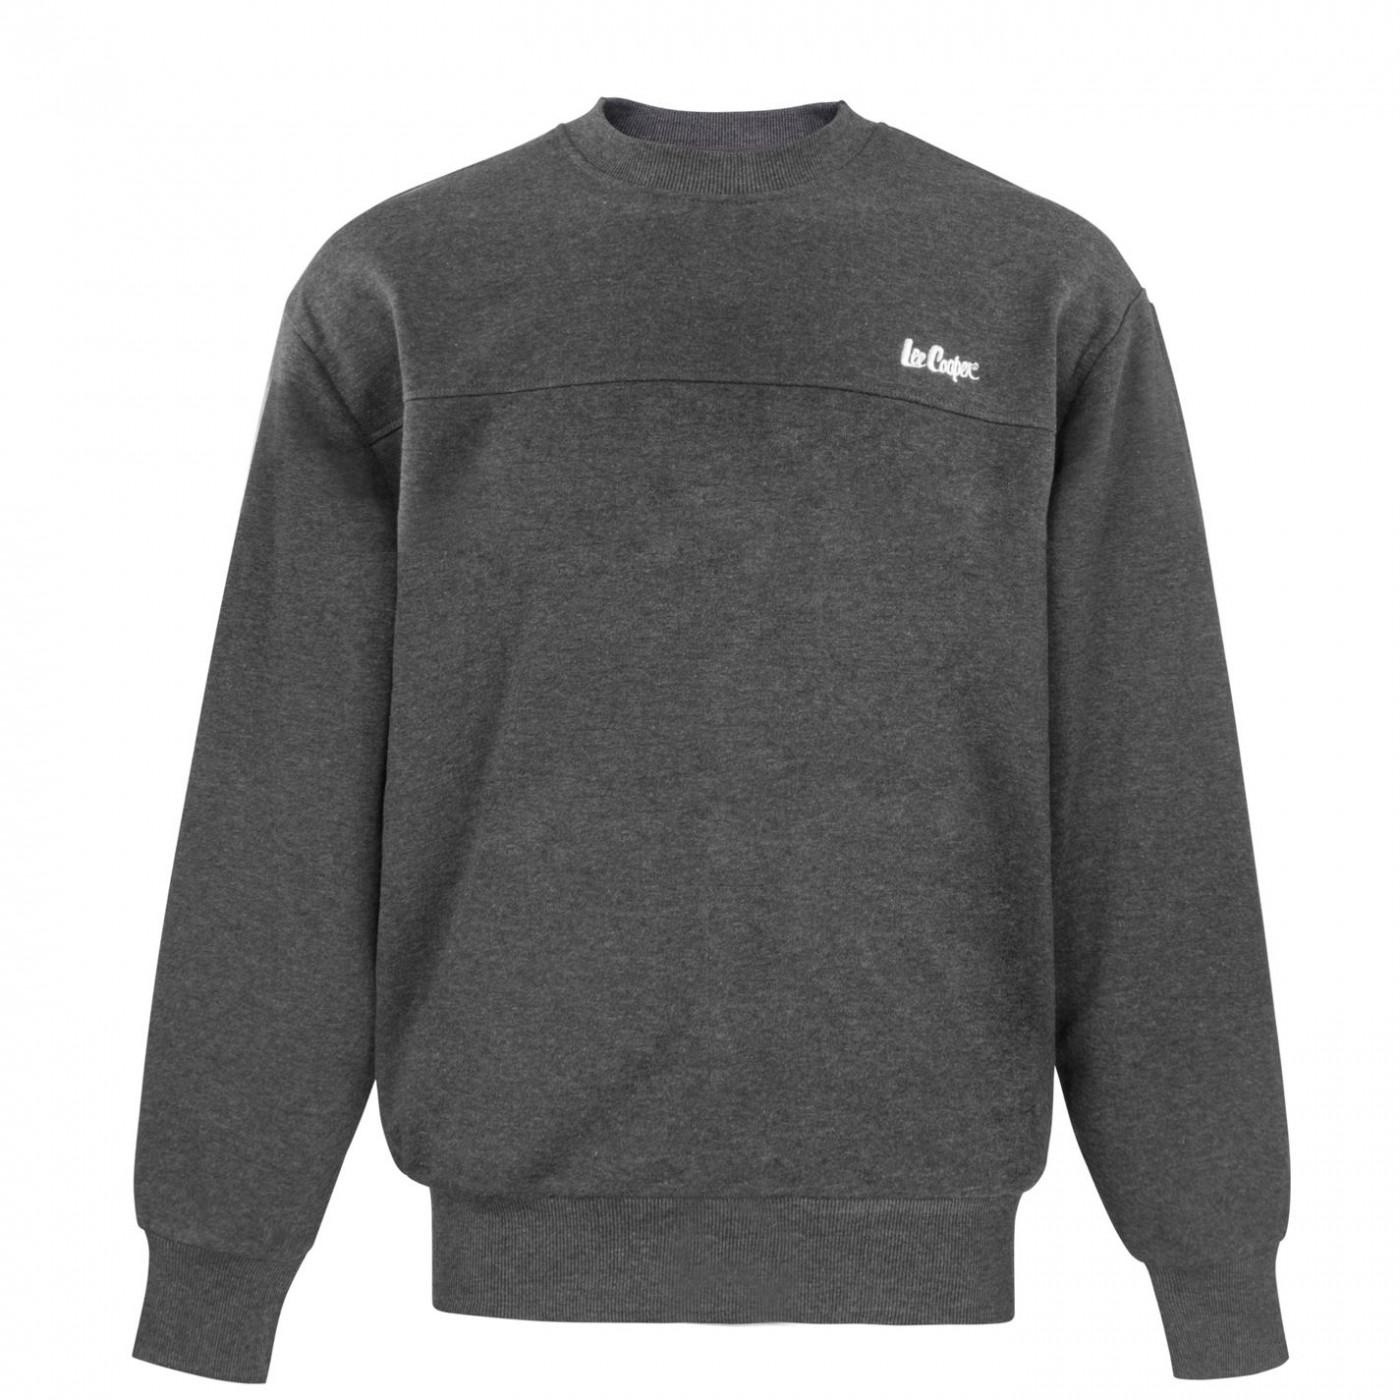 Lee Cooper Fleece Crew Sweater Mens